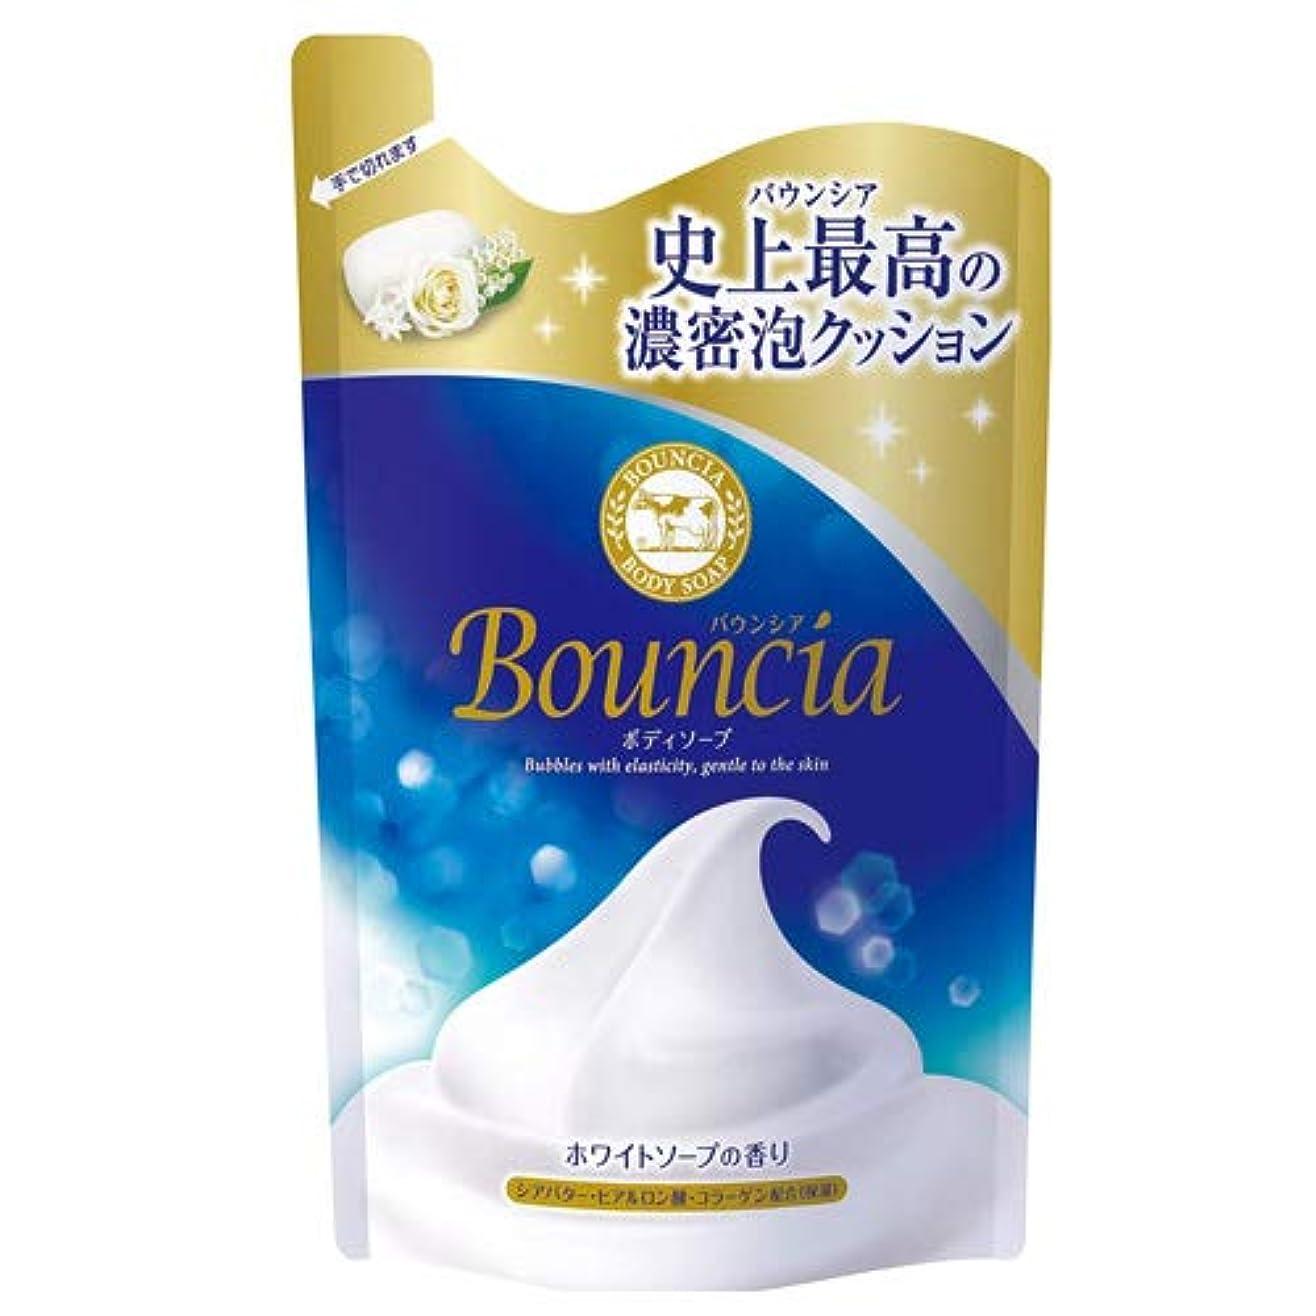 ドラッグ正確尾牛乳石鹸 バウンシア ボディソープ 詰替用 400ml×4個